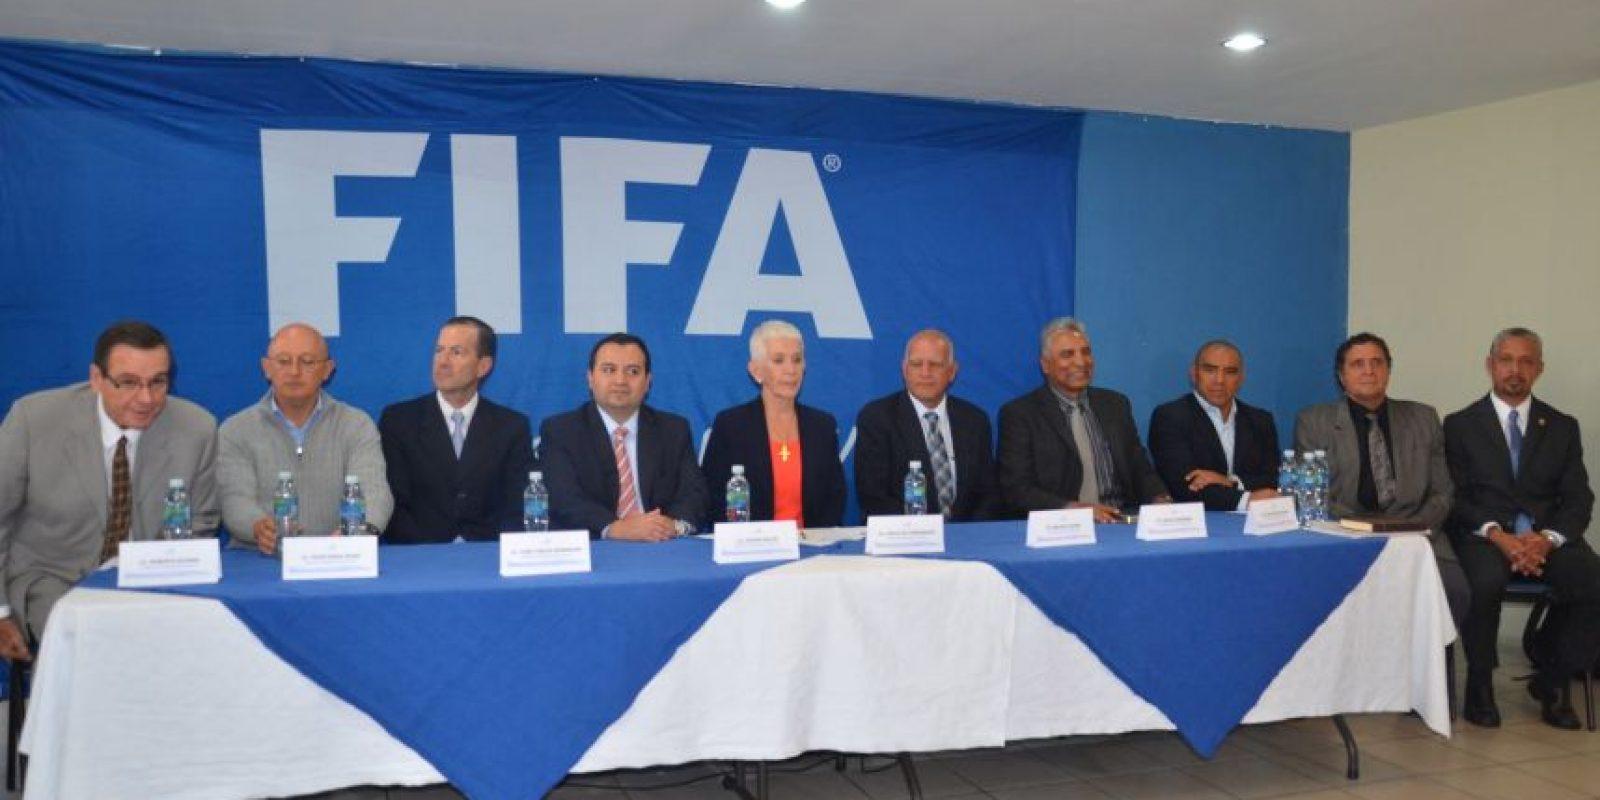 La Comisión de Normalización en la presentación del cuerpo técnico de selección. Foto:Prensa Fedefut